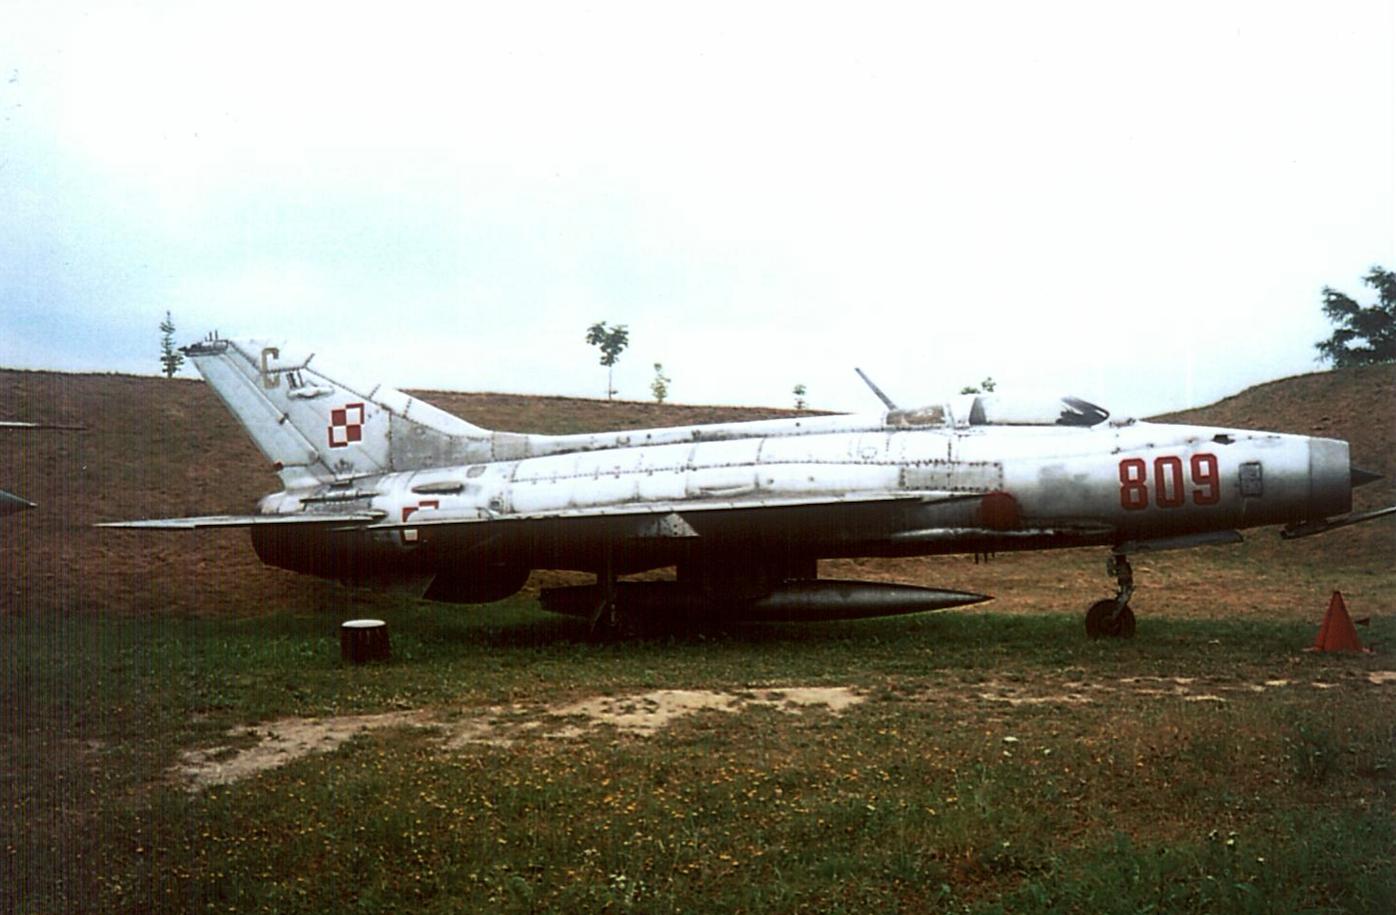 MiG-21 F-13 nb 809. 2007 year. Photo by Karol Placha Hetman